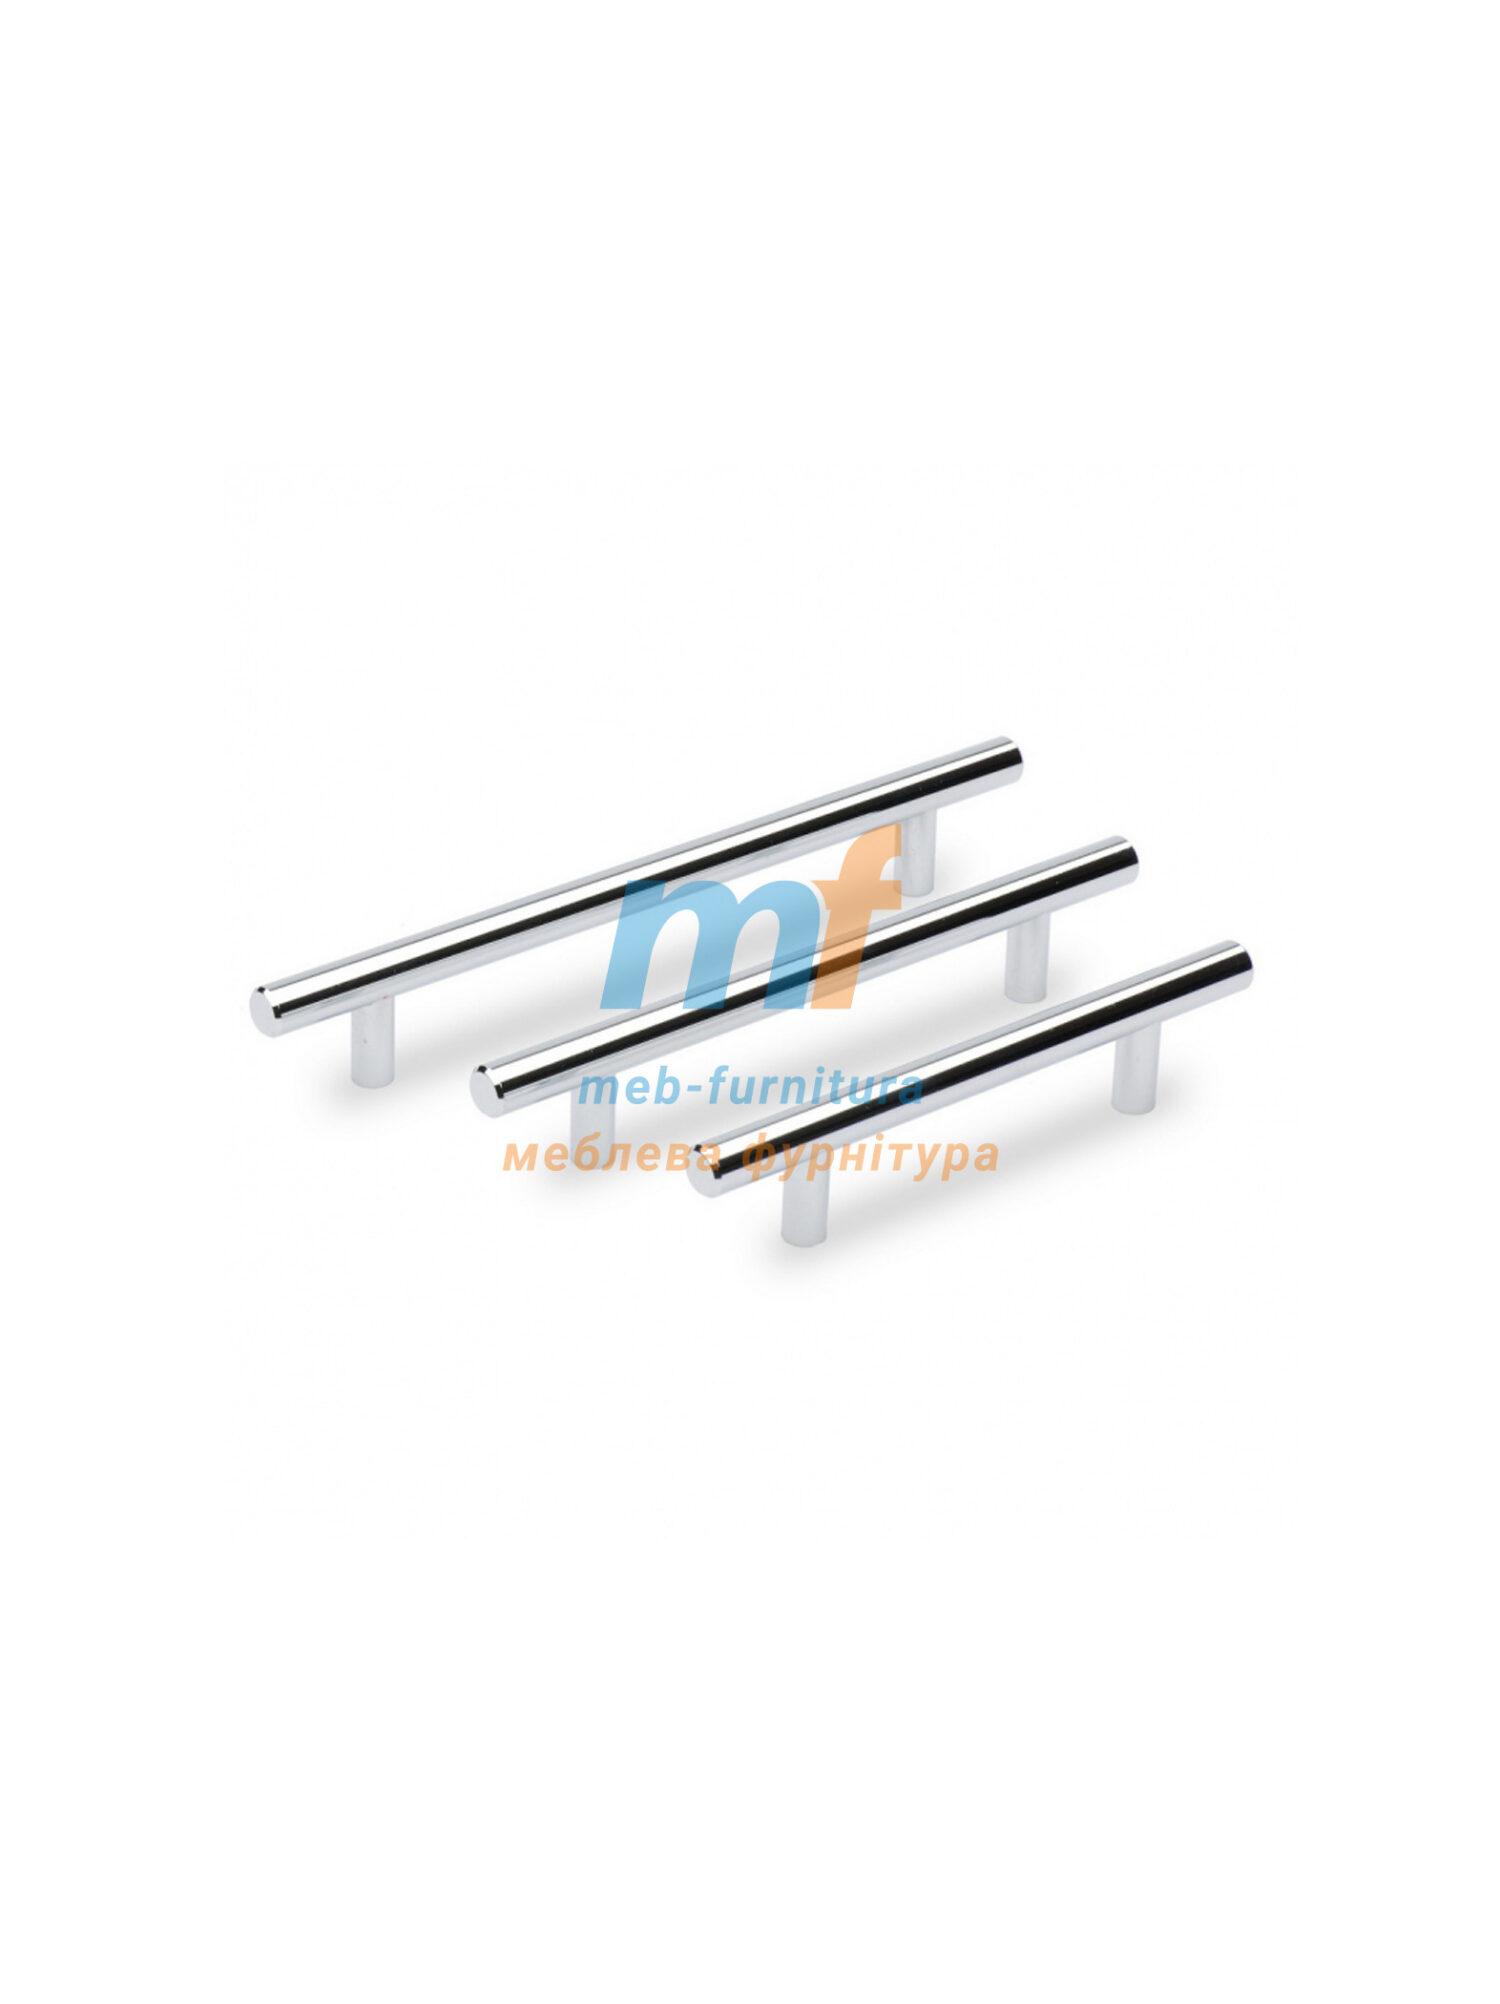 Ручка мебельная релинг 192мм - хром